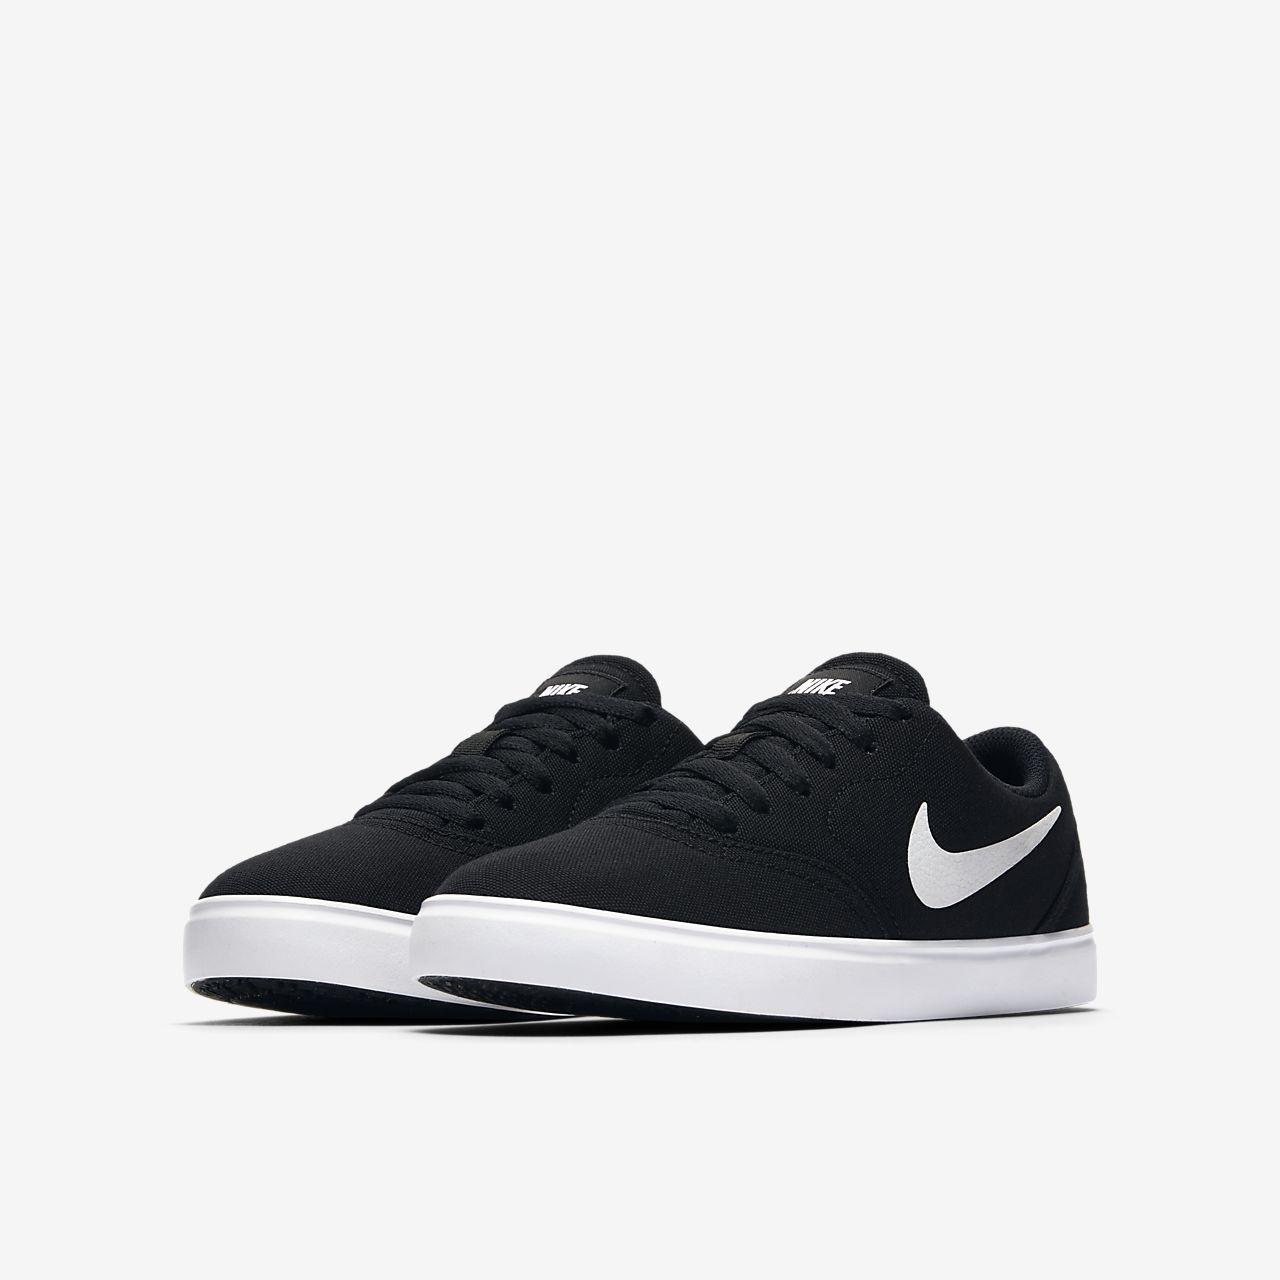 Nike Scarpe Per I Ragazzi In Vendita E Prima Di Comprare I Test Delle Scarpe 1oKQr